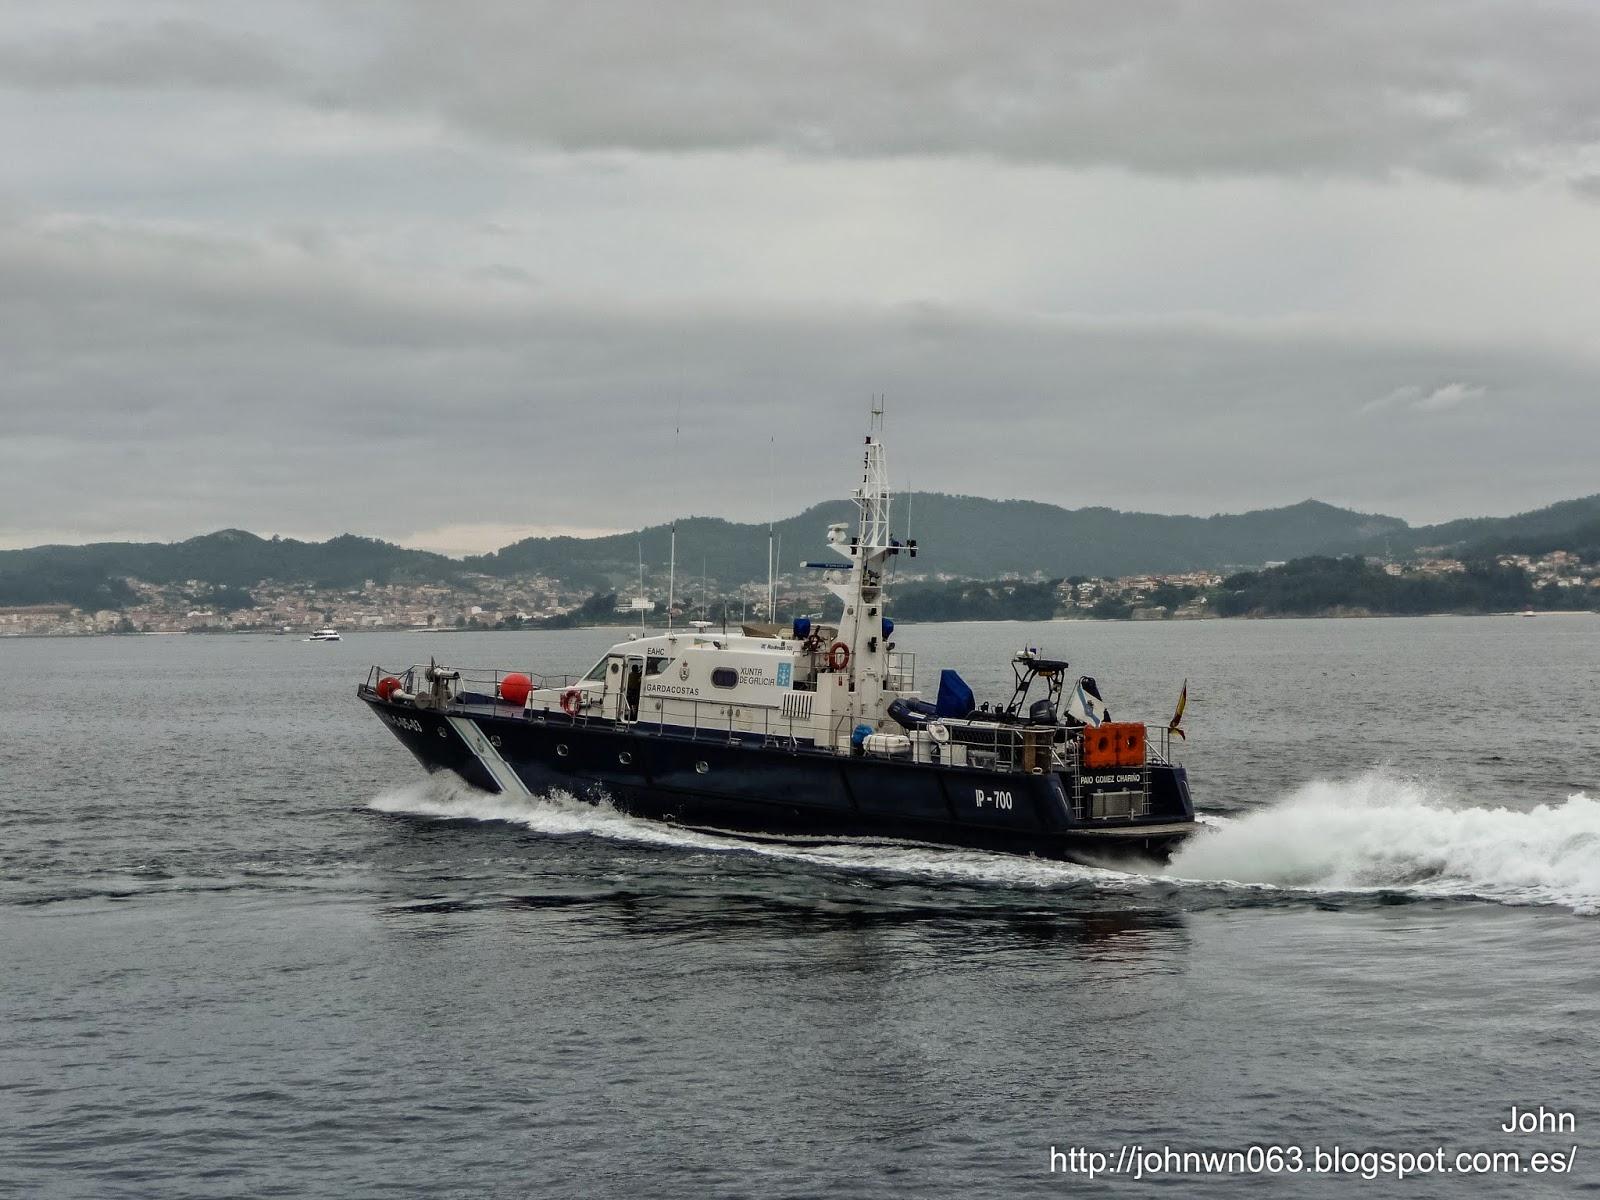 fotos de barcos, imagenes de barcos, paio gomez chariño, guardacostas de galicia, vigo, rodman 101